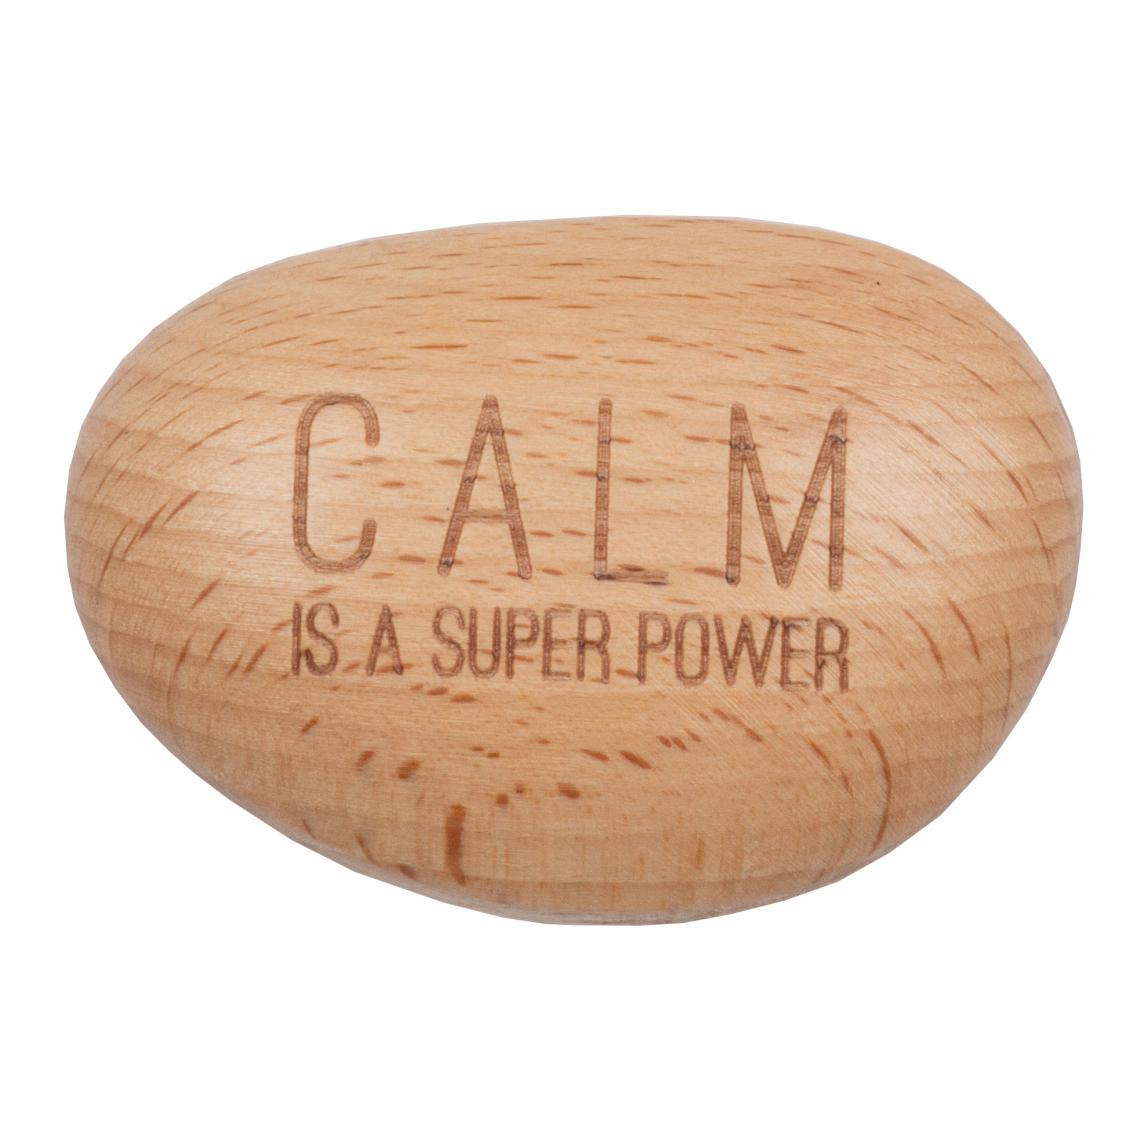 Baumstein - Calm is super power - räder